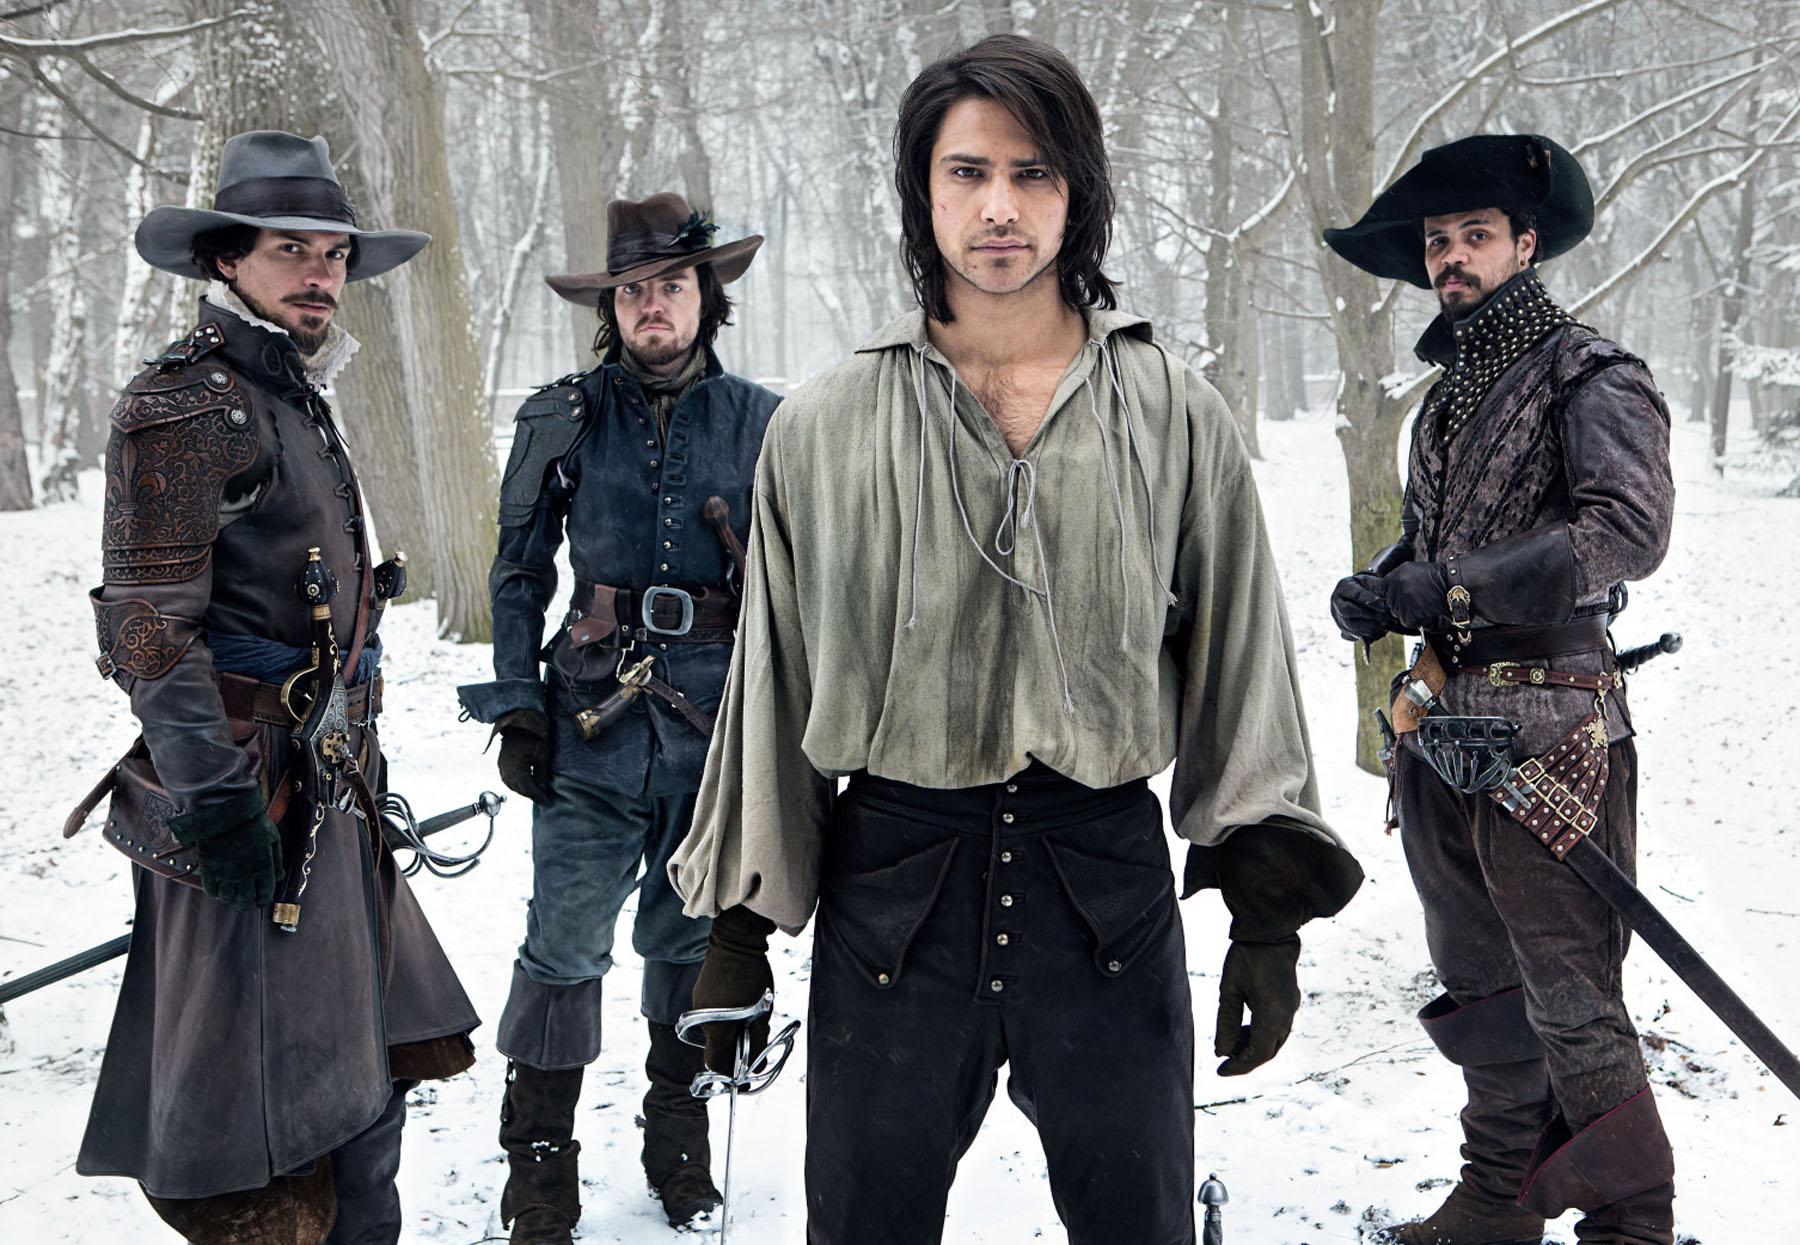 3 musketeers.jpg